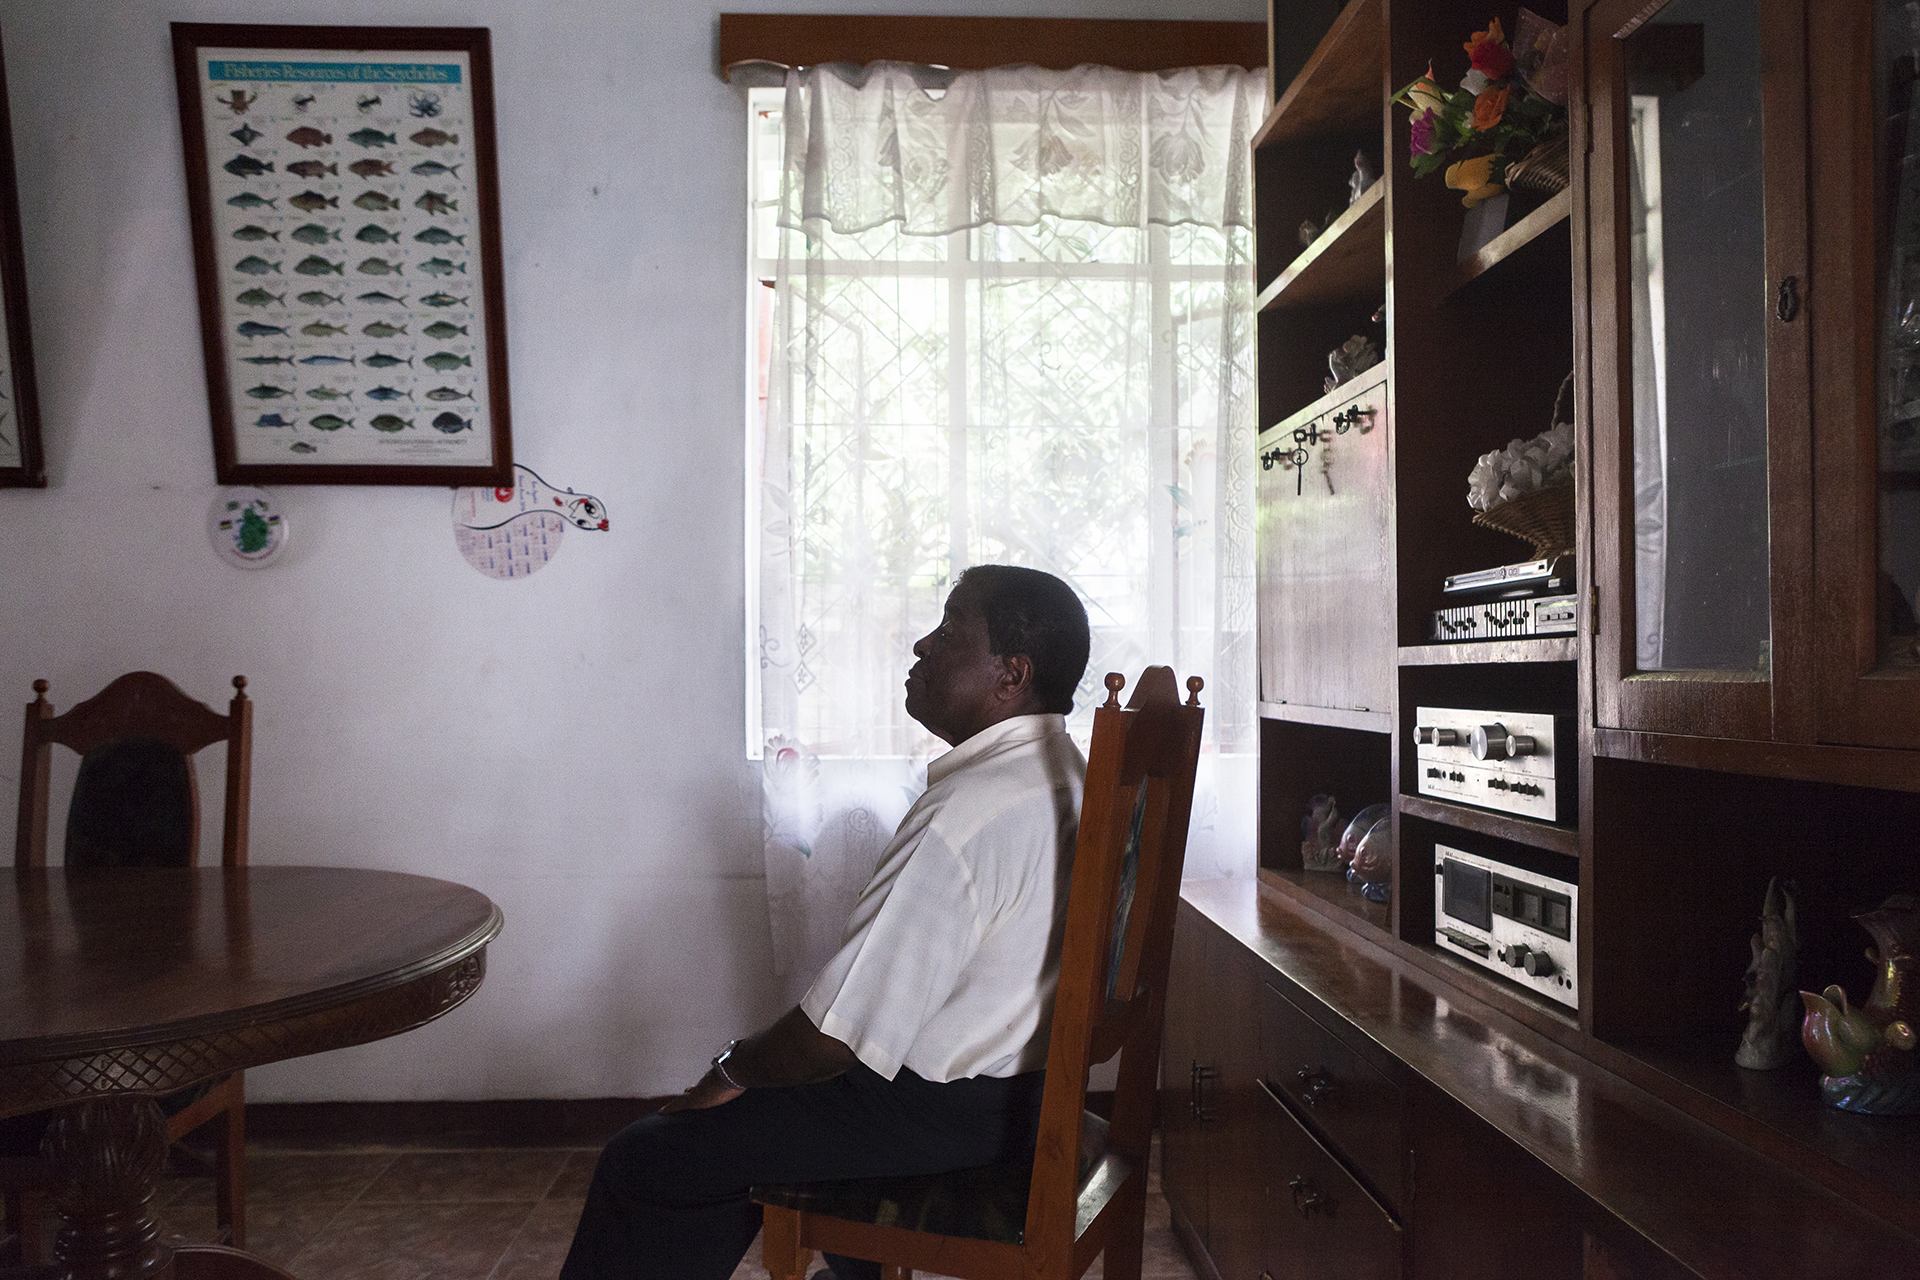 Des fanions multicolores flottent sur l'avenue principale du quartier de Cassi. Nous sommes en pleine période électorale et les bureaux des différents partis se multiplient, les affiches recouvrent les murs défraichis de couleurs éclatantes. Au milieu de ce tumulte se tient un homme : Fernand Mandarin. Entre la mosquée et le cimetière. Entre les prières et la fin inéluctable. Lui aussi gravite dans la sphère politique. Il est le dirigeant du Comité Social des Chagossiens (CSC). Depuis toujours il se bat pour que les siens retrouvent leur terre. Peu importe l'agitation de ce monde un peu fou.Fernand Mandarin commence à militer en 1995. « On n'avait pas le droit de baisser les bras ! Le slogan c'était : Retourn nout Chagos ! »  Il écrit à Boutros Boutros Gali aux Nations Unies avec l'avocat Lassemillante, pour revendiquer les droits des Chagossiens. « Puis on a écrit à Kofi Anan.  A tous. »Depuis il multiplie autant que possible les rencontres, les voyages, pour défendre son histoire.« En 1983, les mauriciens nous on donné une compensation ridicule en échange d'une signature. Pour renoncer à notre droit de retourner aux Chagos. Mais on ne savait pas ce qu'on signait. On ne savait pas ! »Sa lutte est simple : droit de retour et être considéré comme un peuple à part entière.« les gens nous appellent « ilois », mais non, nous sommes Chagossiens ! »Son combat l'oppose souvent à Olivier Bancoult.« Olivier Bancoult a pris un autre chemin que moi. Bancoult est arrivé ici à 2 ans, il n'a pas grandi aux Chagos ! il connaît pas ! « Mandarin accuse Bancoult de clientélisme. « Manger, boire, un ti peu l'arzen. Moi je ne fais pas ça ! »